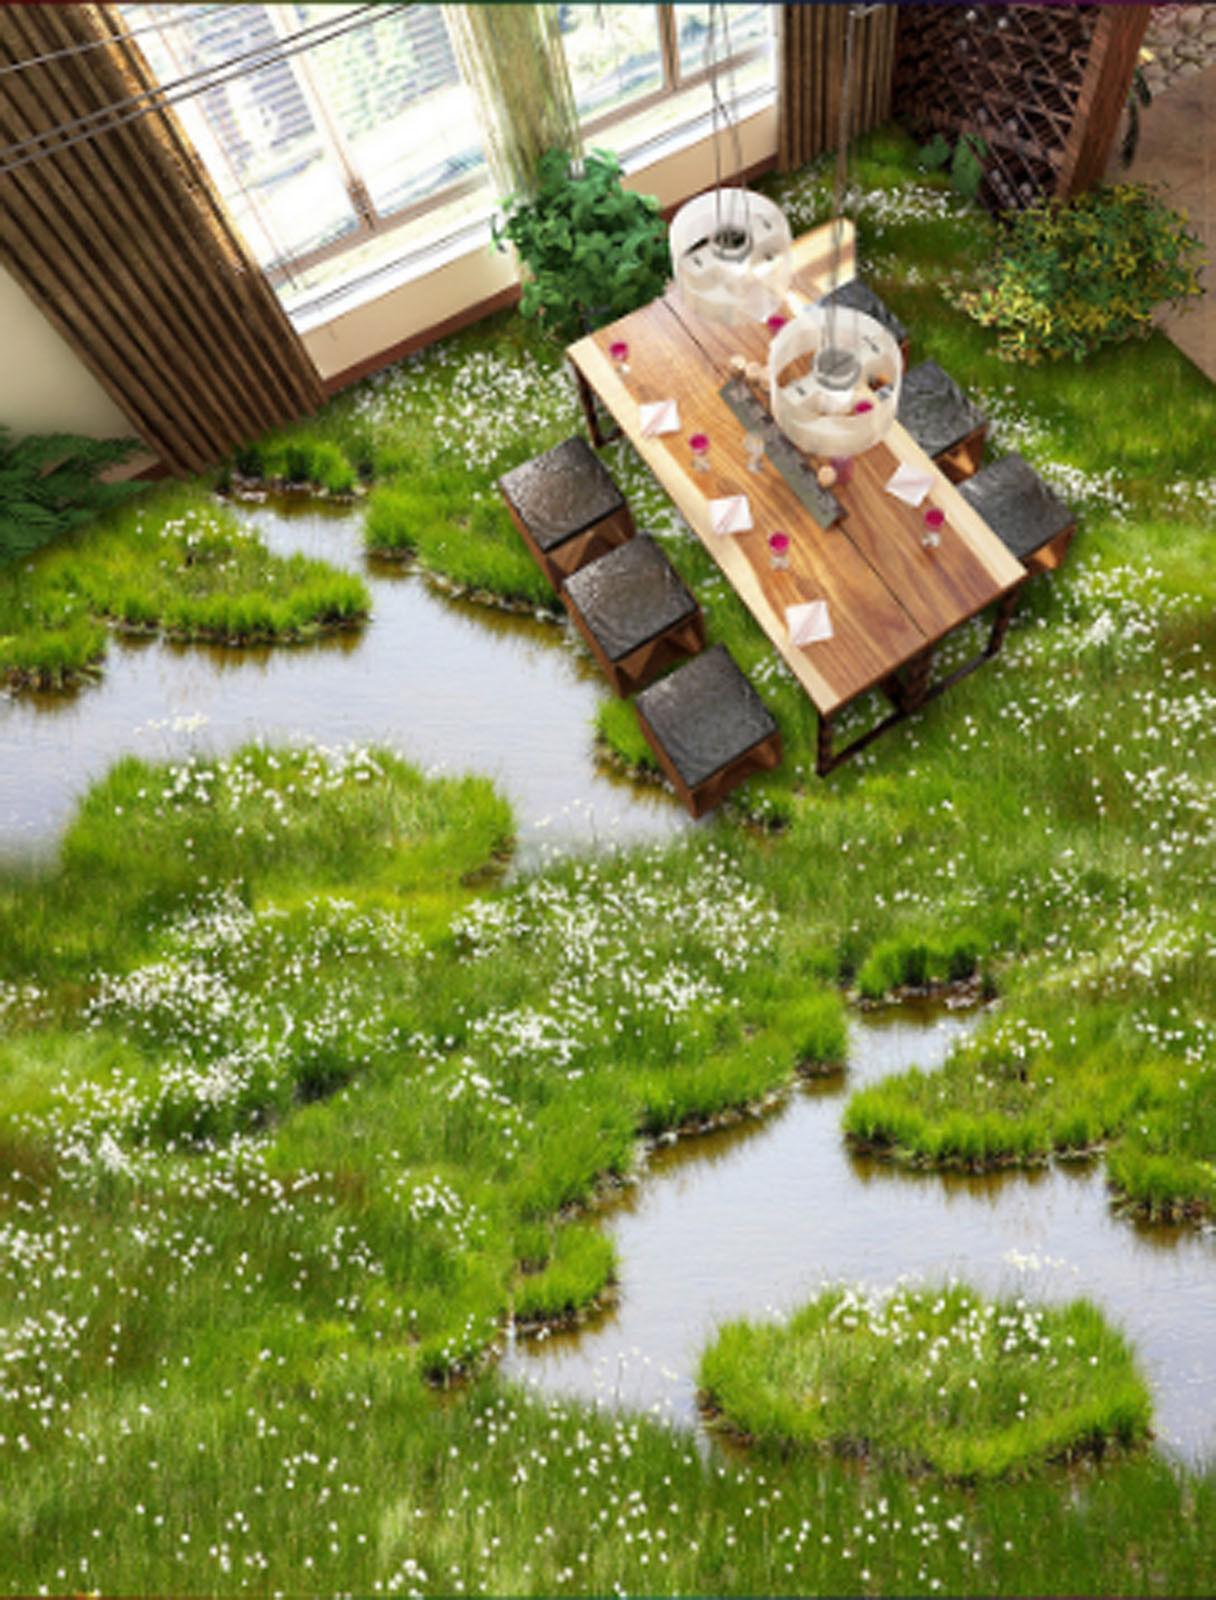 3D Grün Grass 437 Floor WallPaper Murals Wallpaper Mural Print AJ AU Lemon